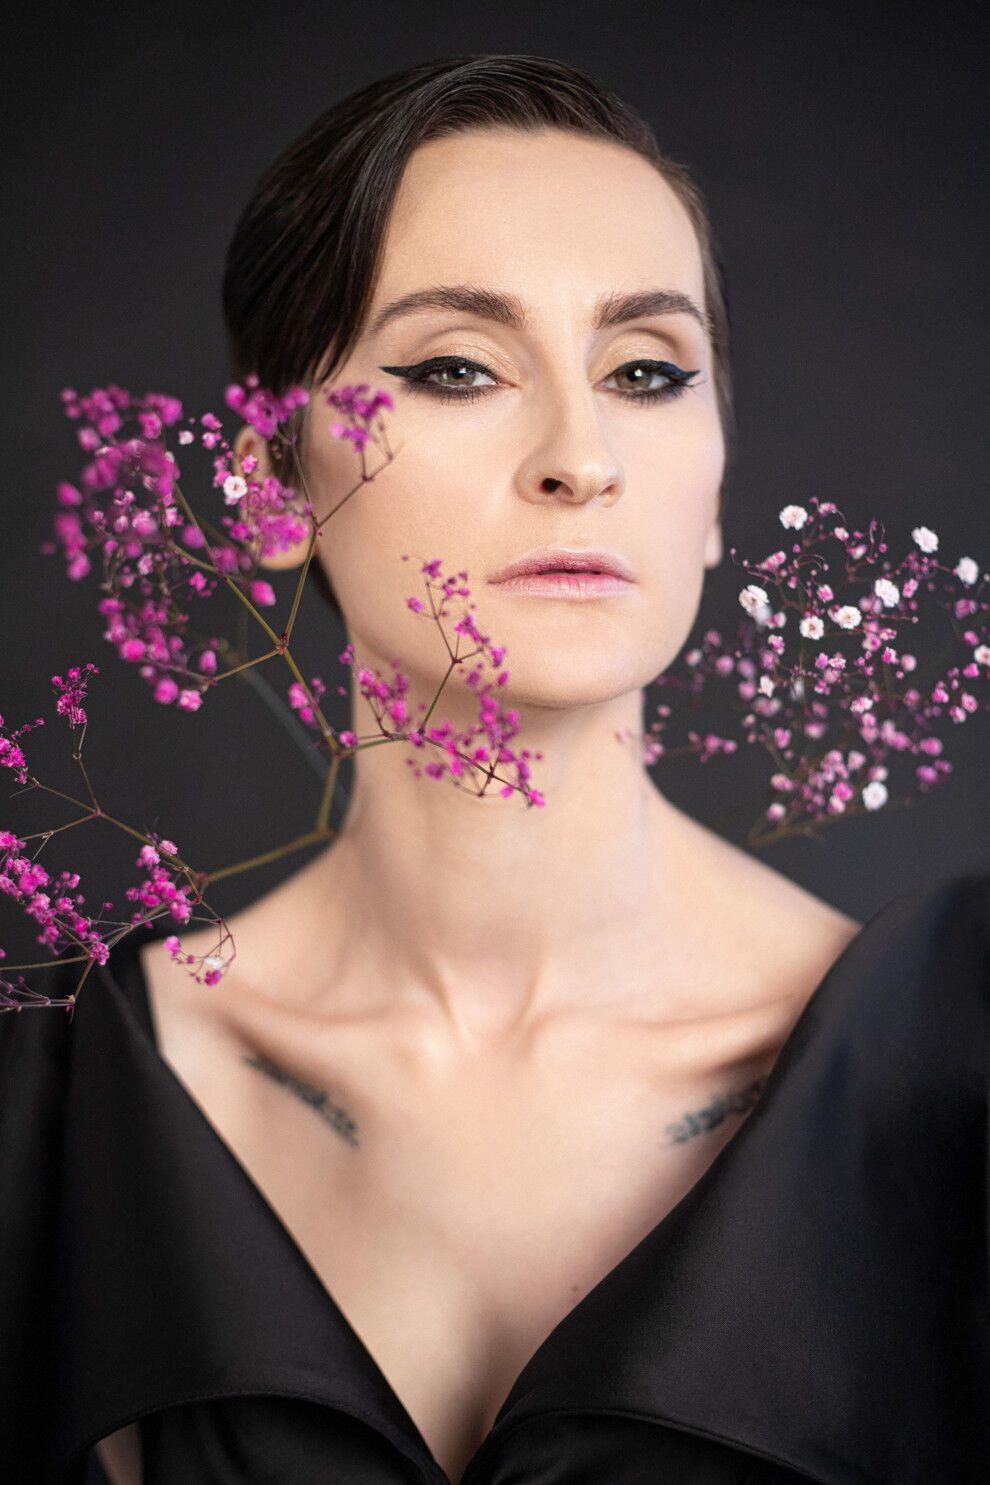 Павленко приміряла жіночний образ у чорній сукні і з квітами